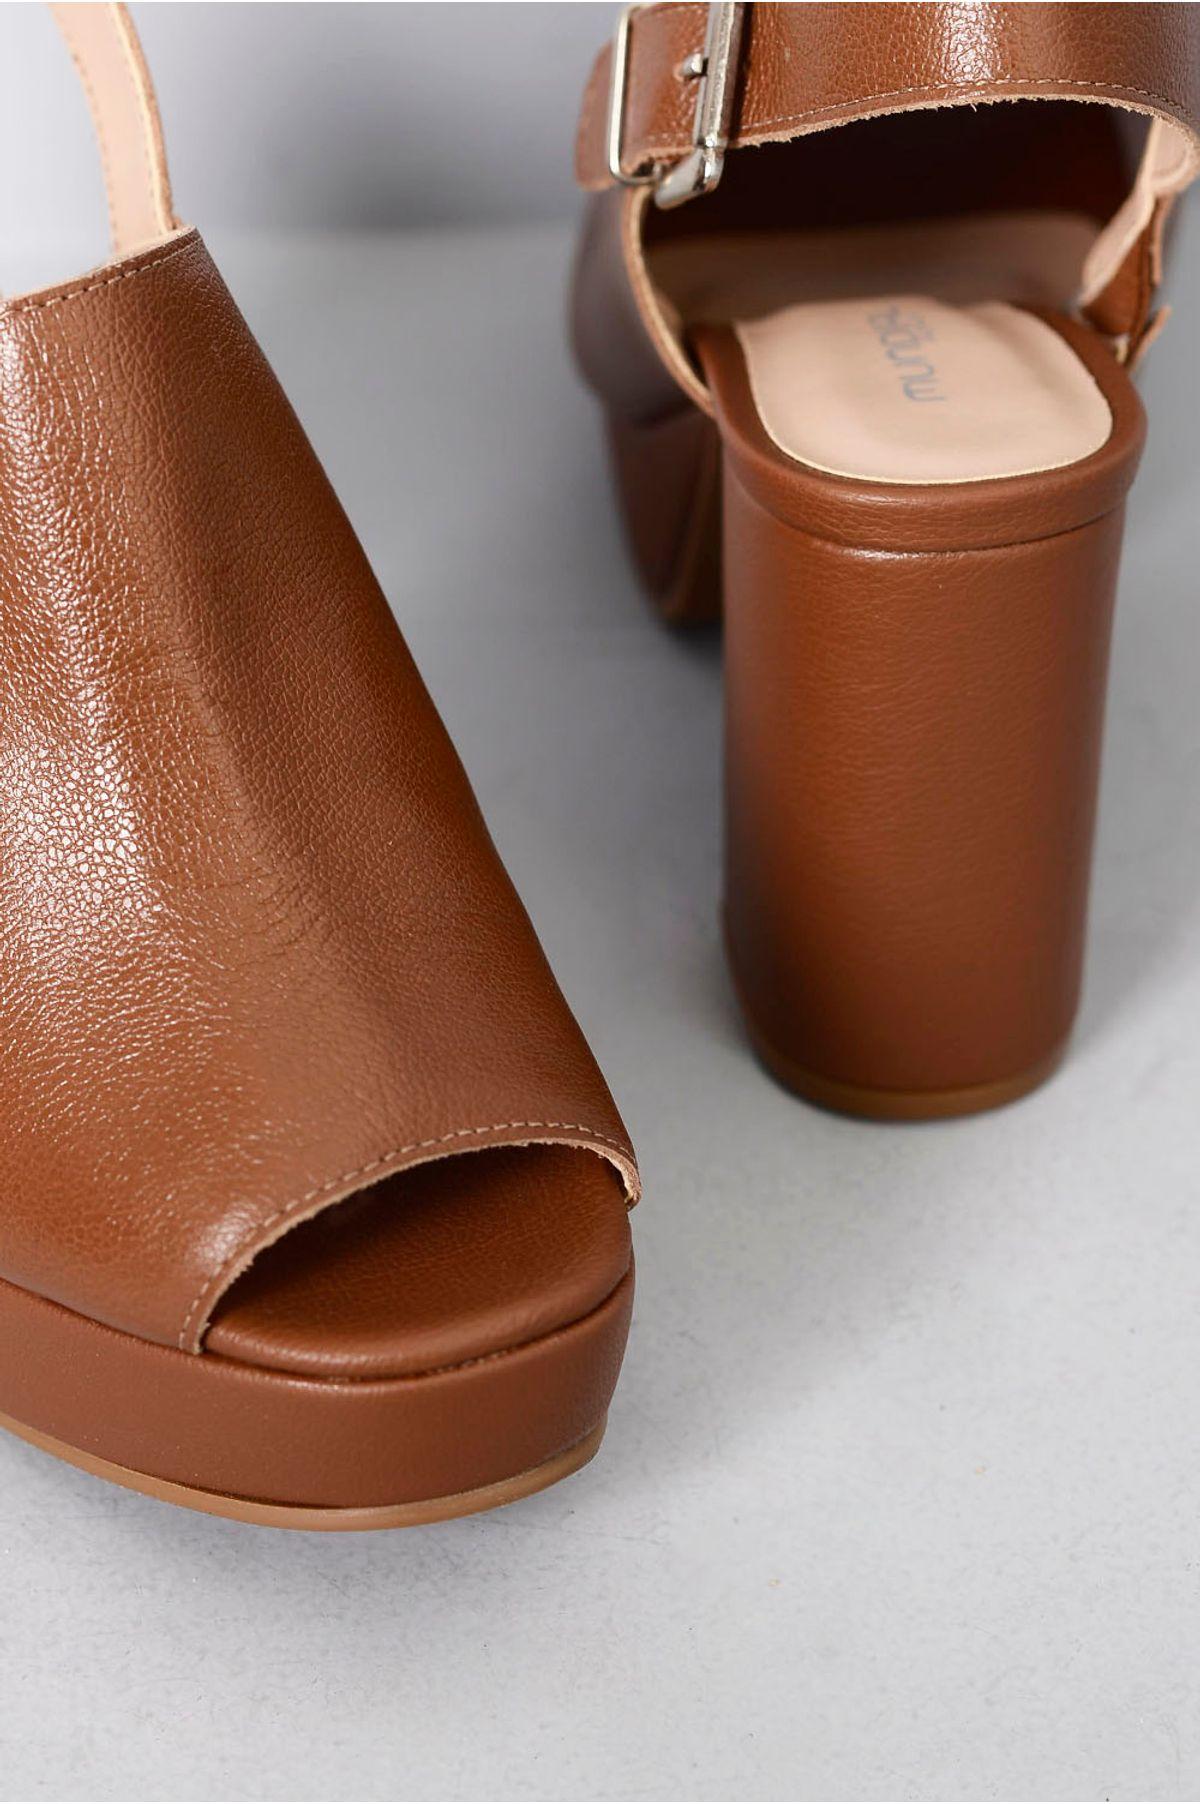 6a92b038b Sandália Salto Alto Clara Mundial CR-CARAMELO - Mundial Calçados